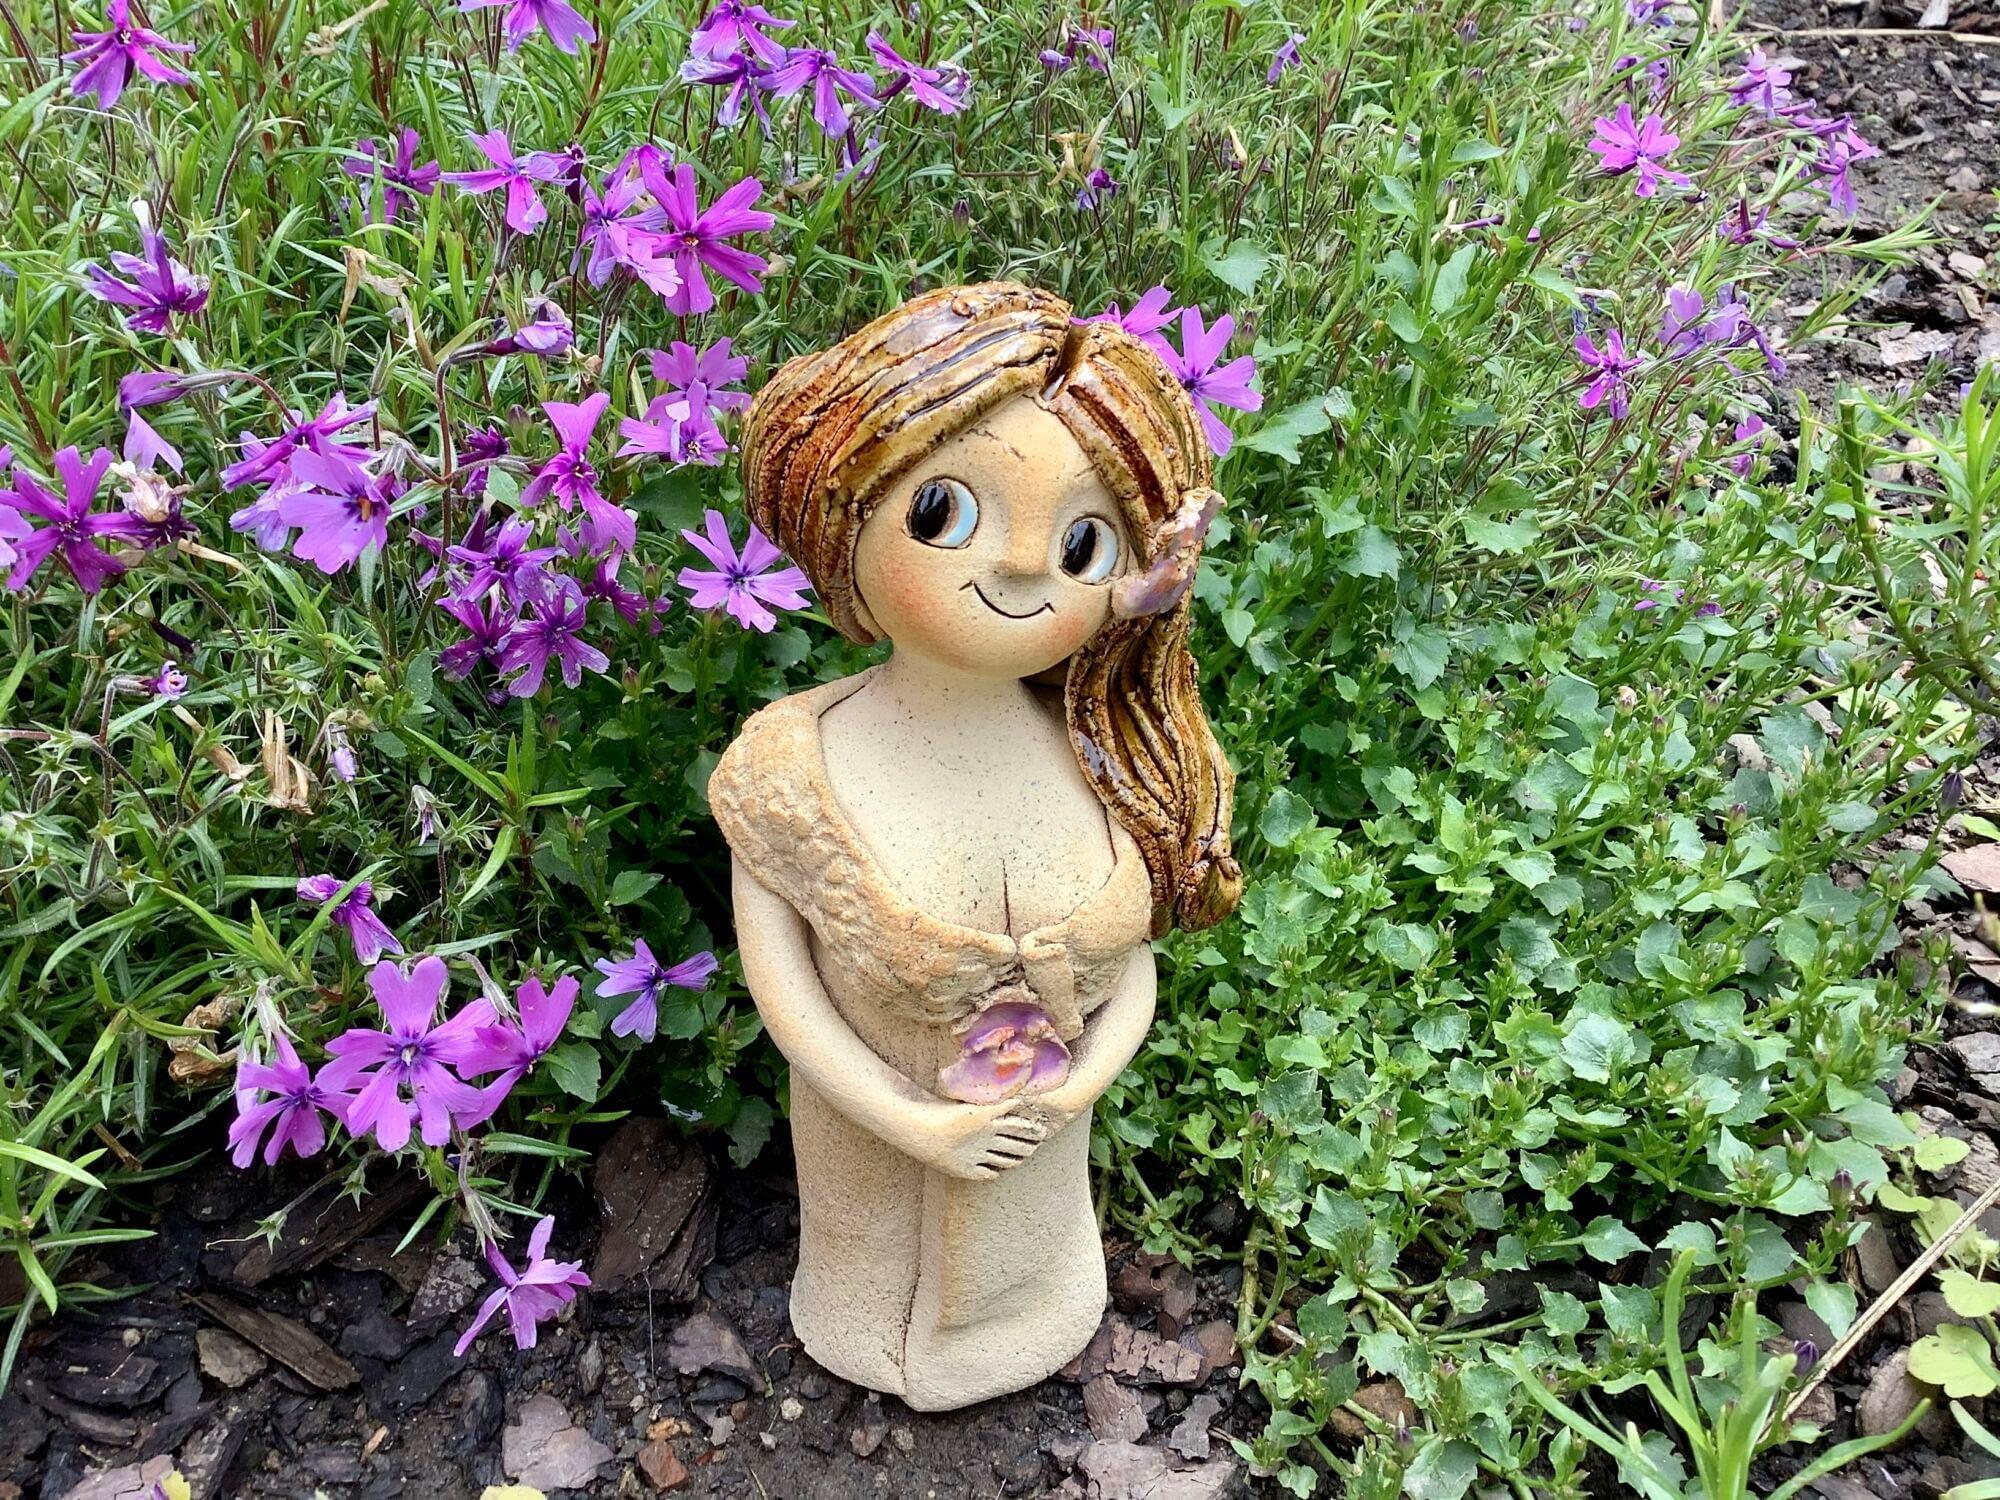 stojící víla fialka dívka dekorace socha soška panenka keramika andee